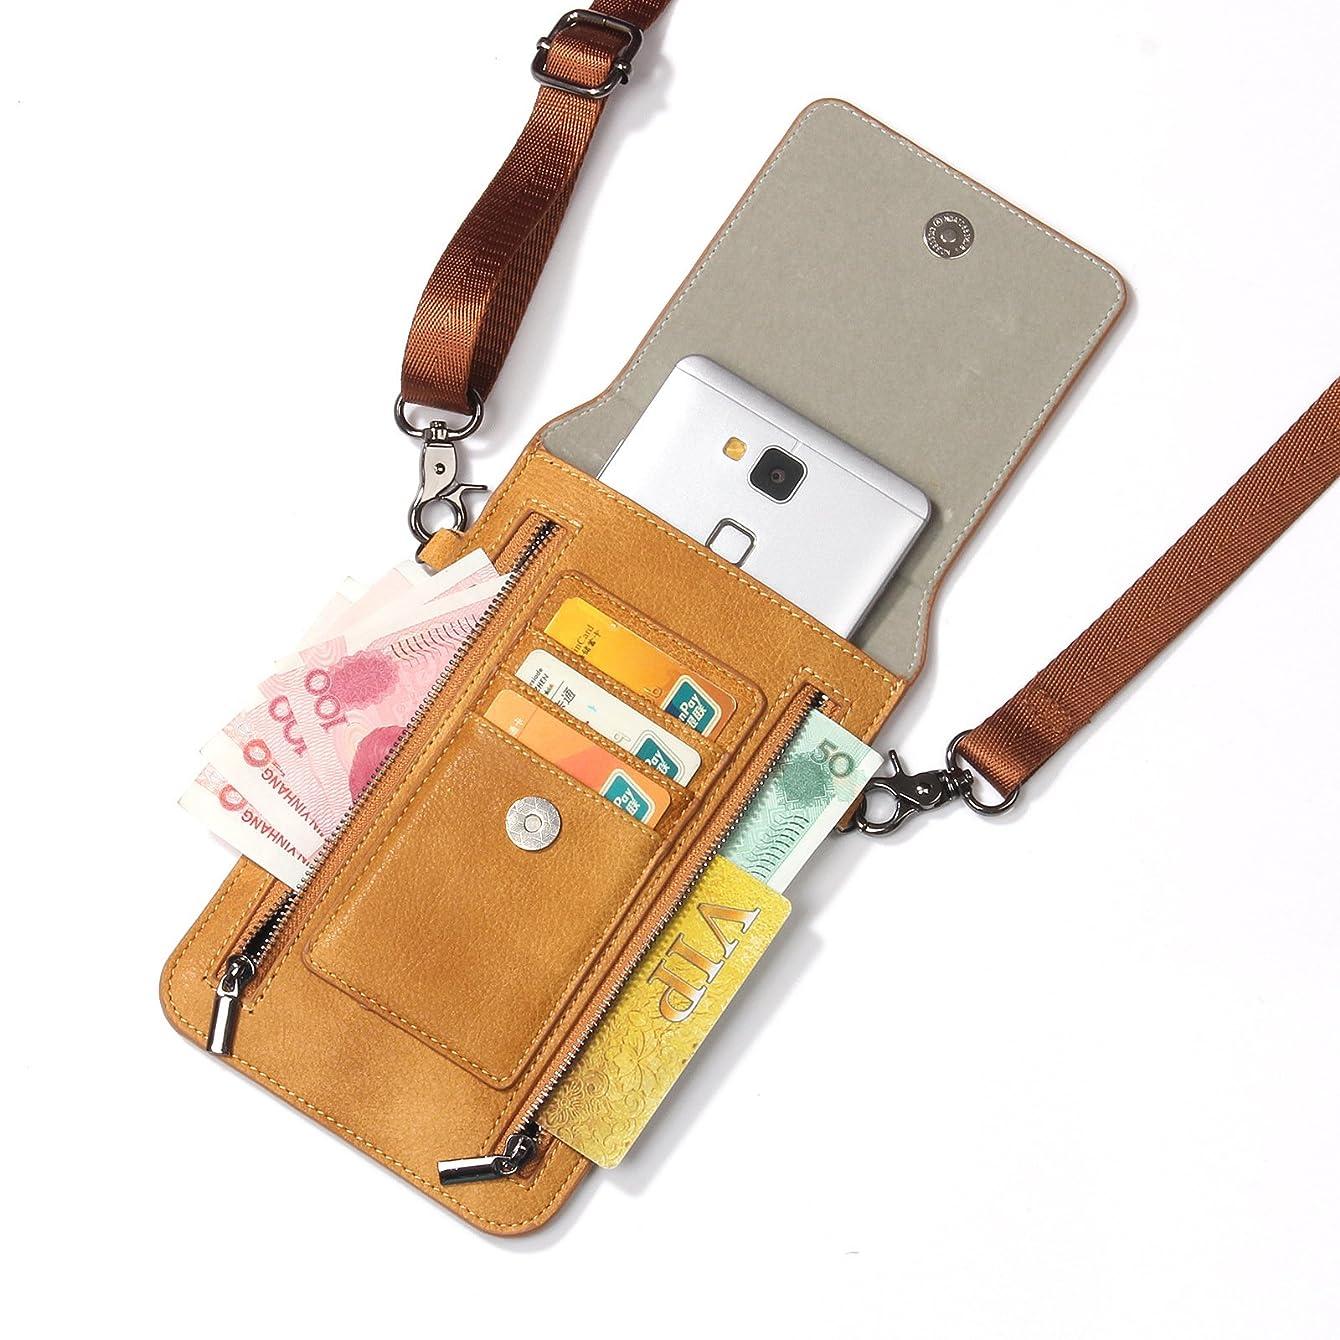 熱心な育成元気iPhone XS Max ケース レザー INorton 多機能スマホポーチ 保護カバー 財布型 軽量 カード お金収納 ストラップ付き iPhone X /8/8Plus/7/7Plusなど6.5インチ汎用